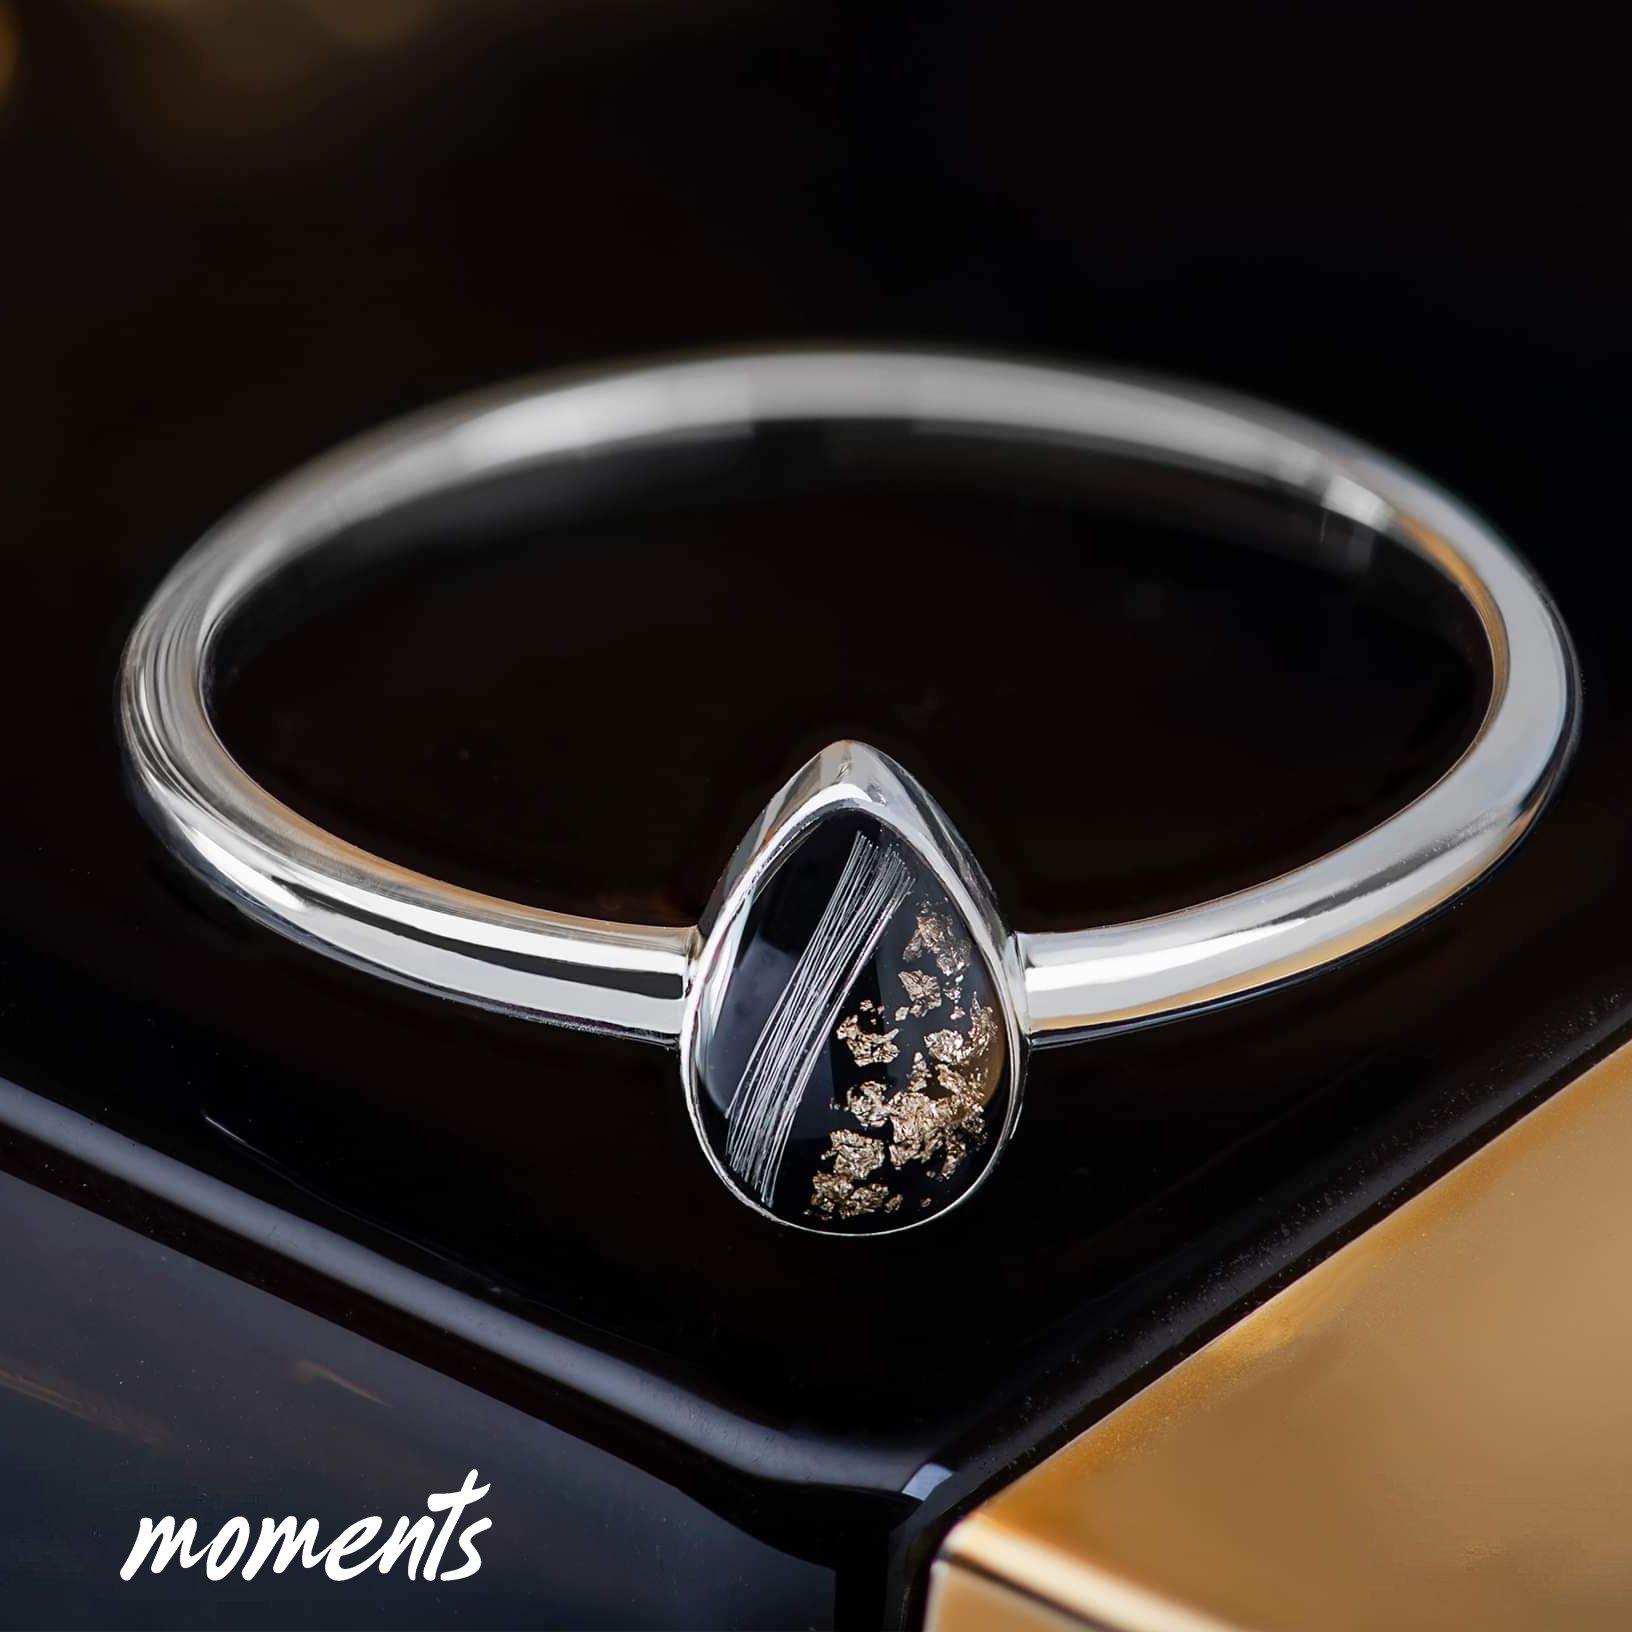 Trauerschmuck: Die Erinnerungen an Taranee, verewigt in einem Ring.